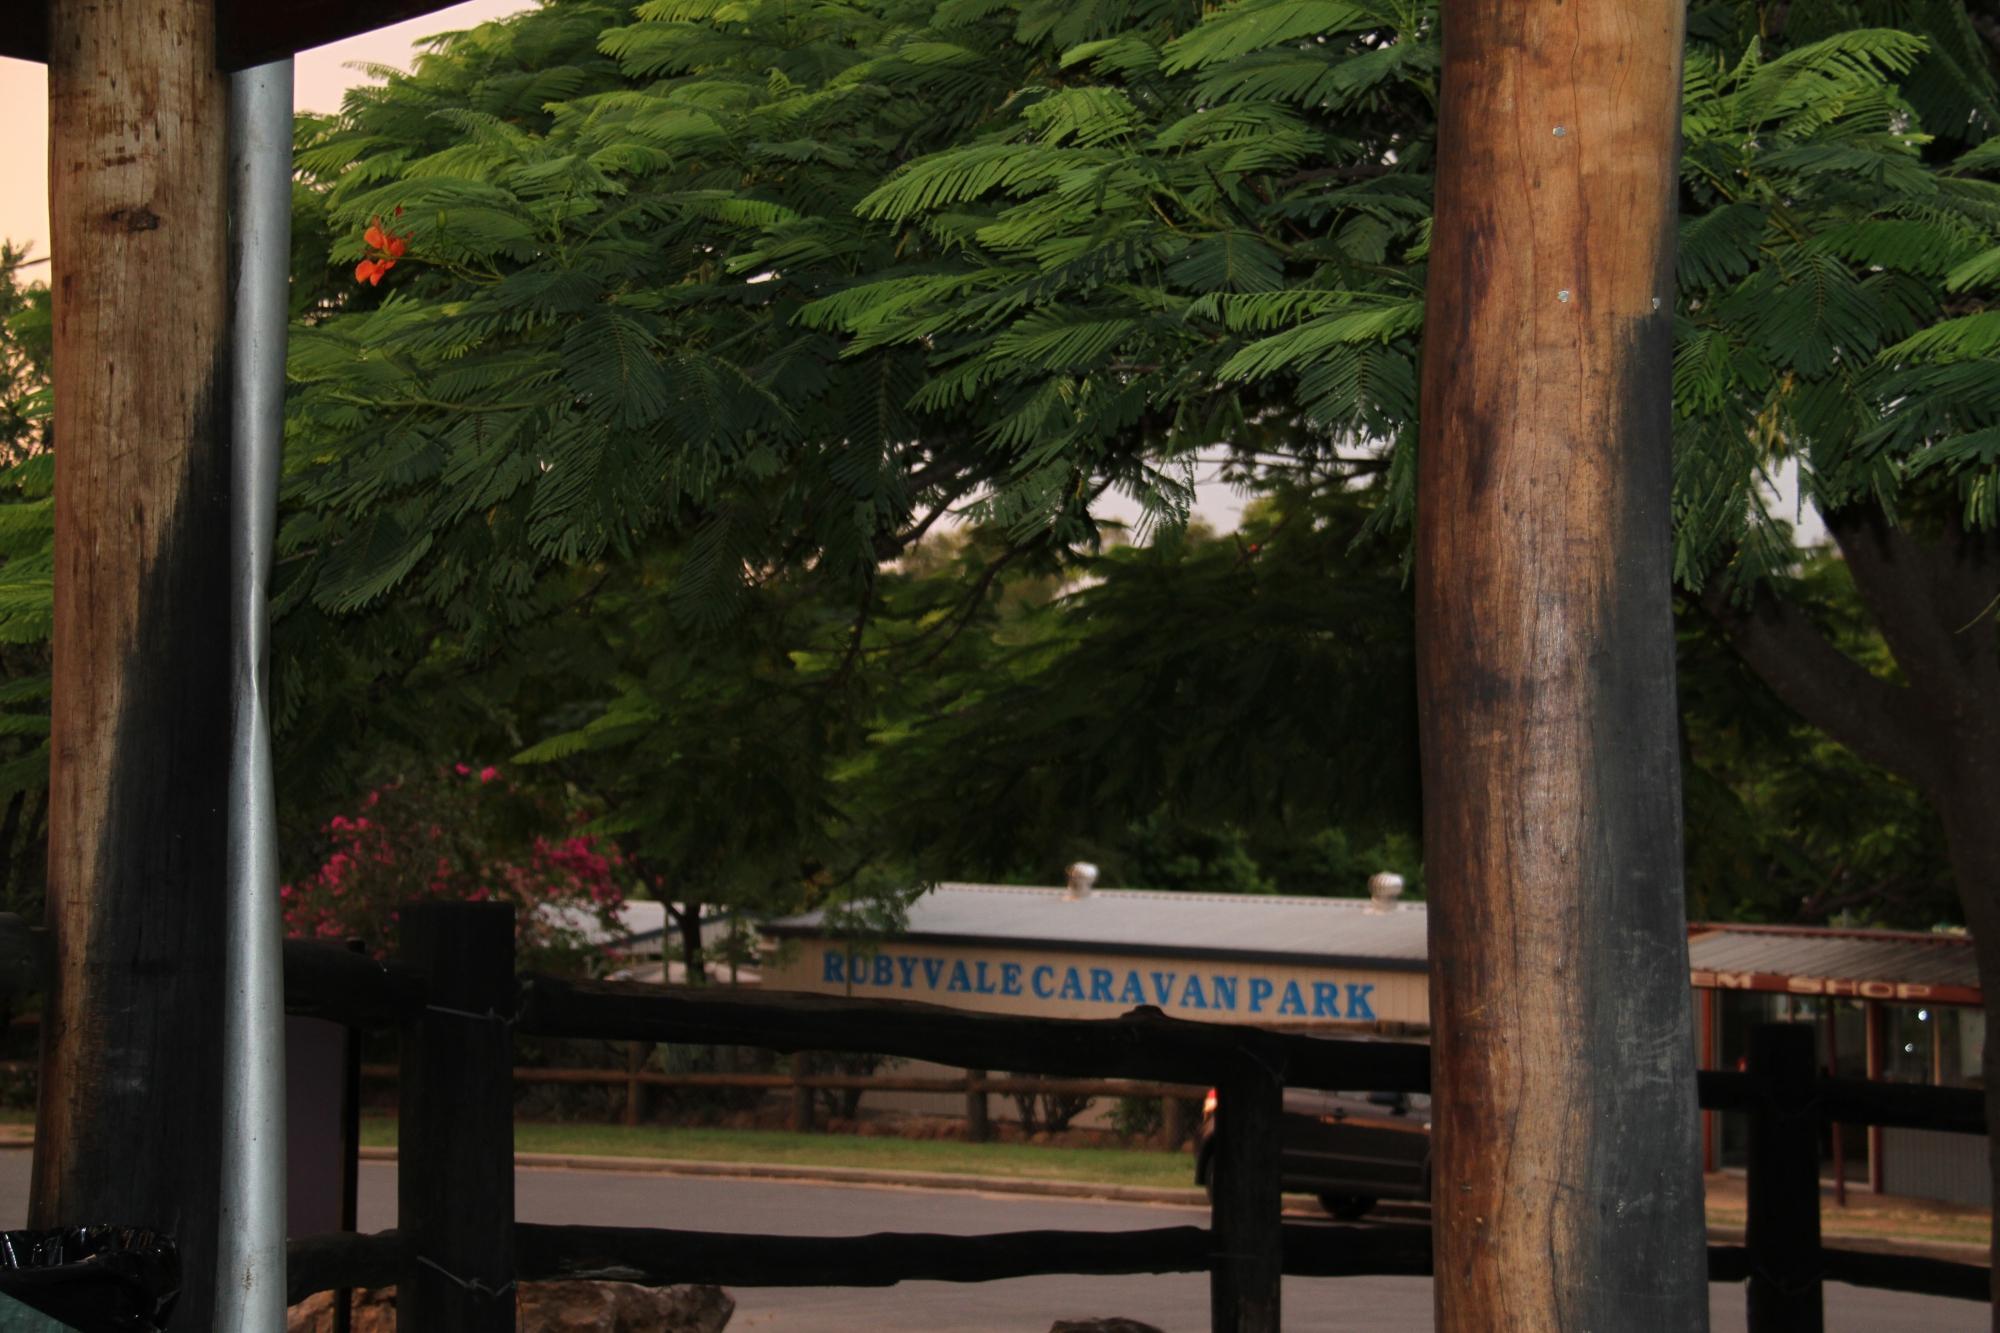 Rubyvale Caravan Park